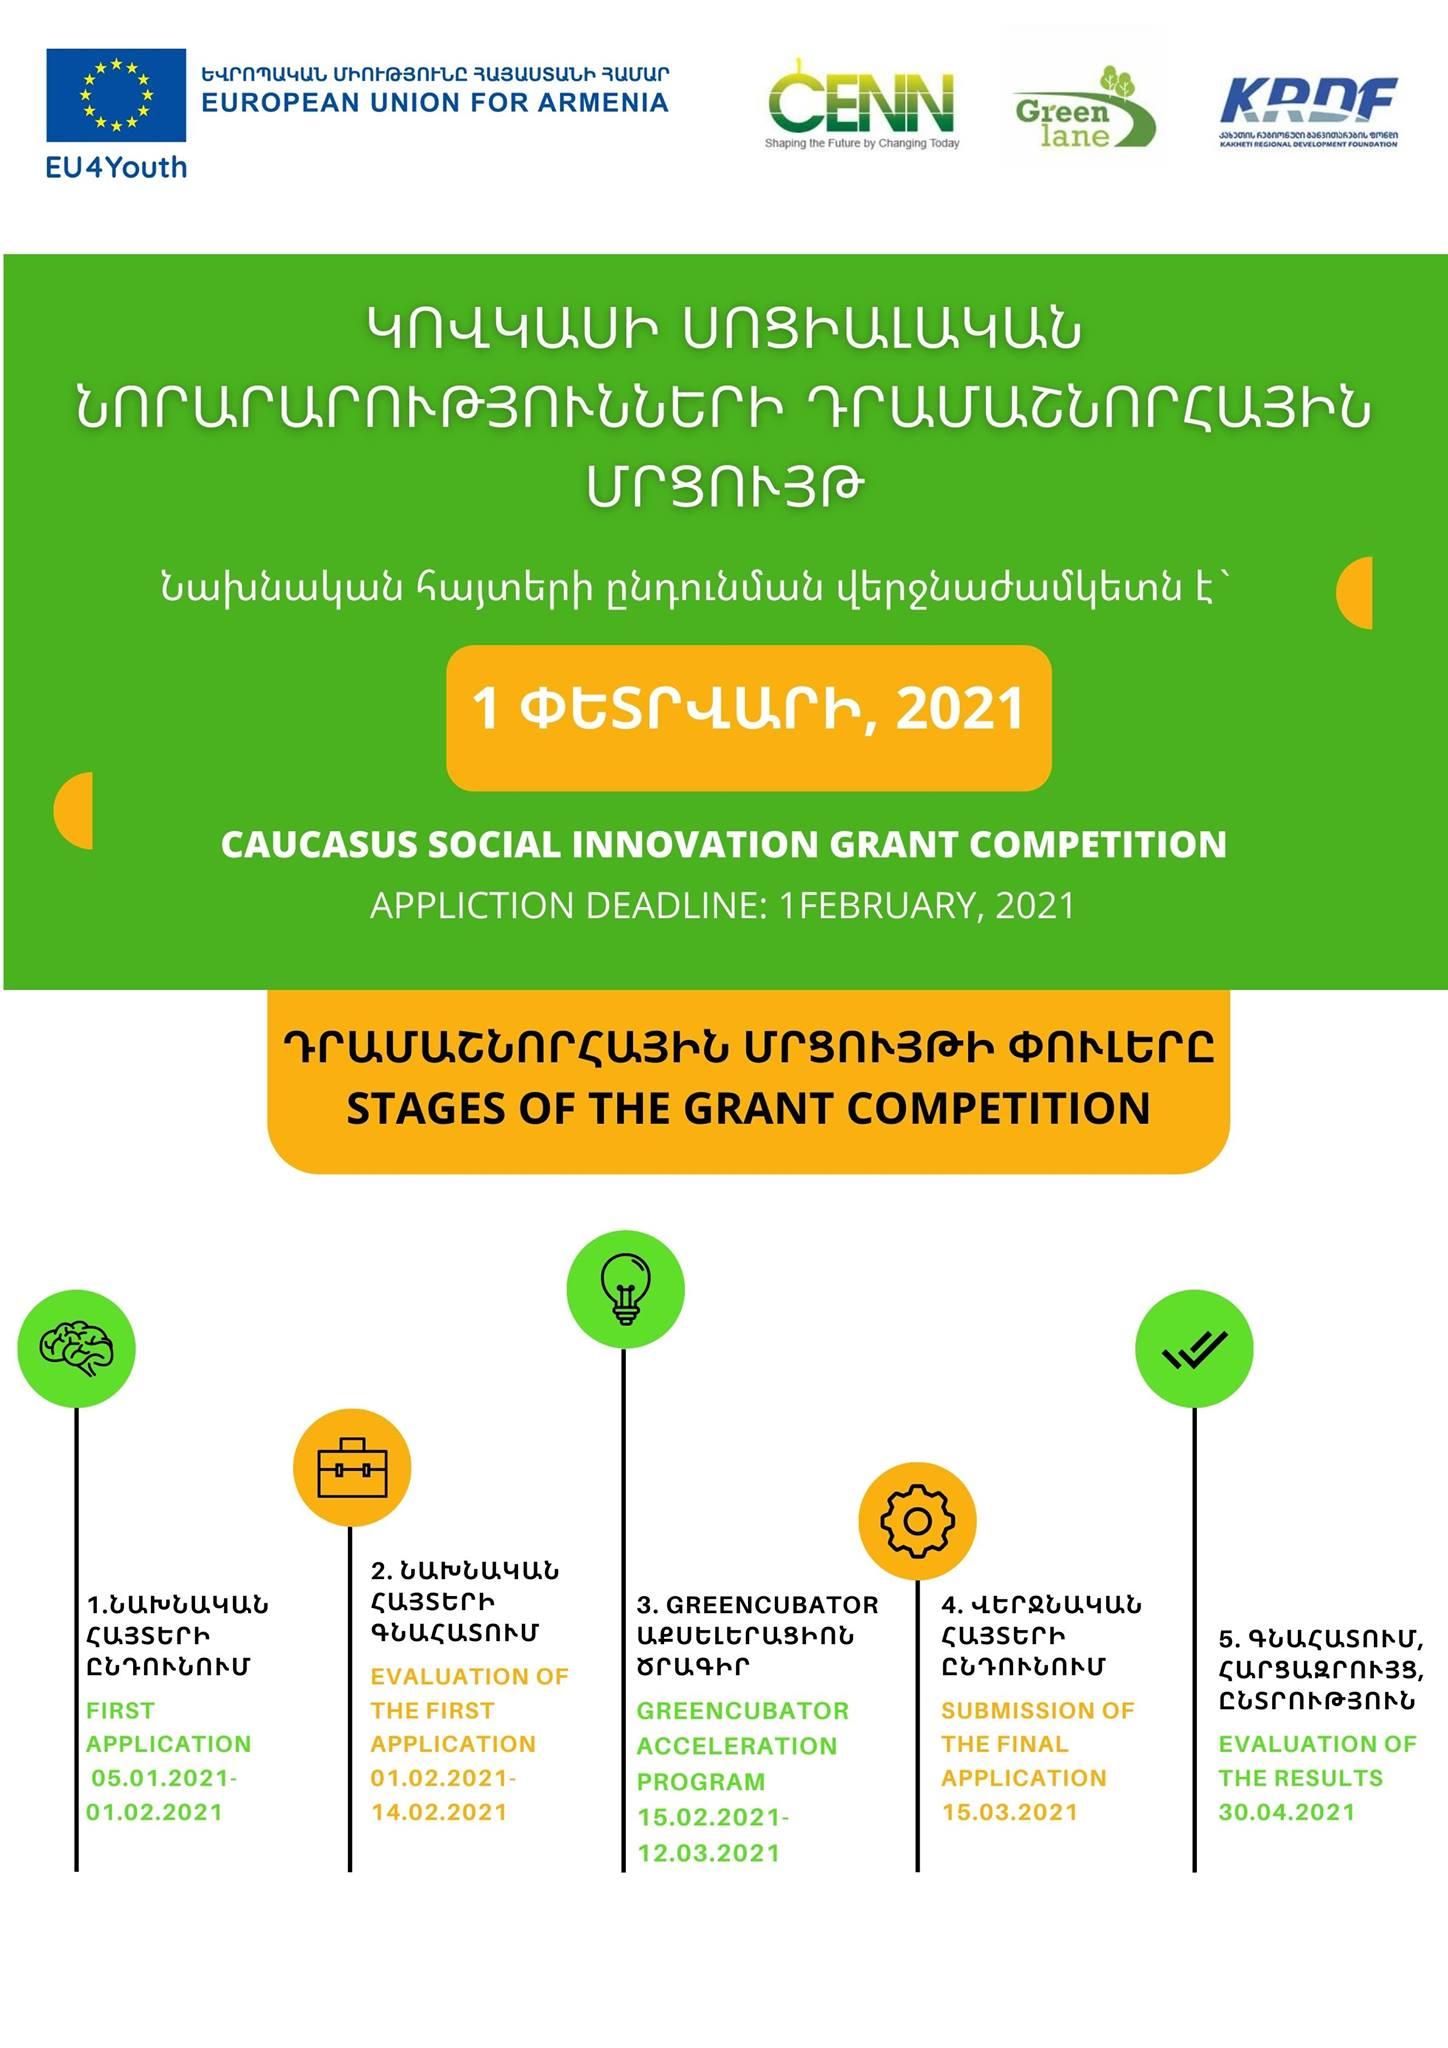 Կովկասի սոցիալական նորարարությունների դրամաշնորհային մրցույթ